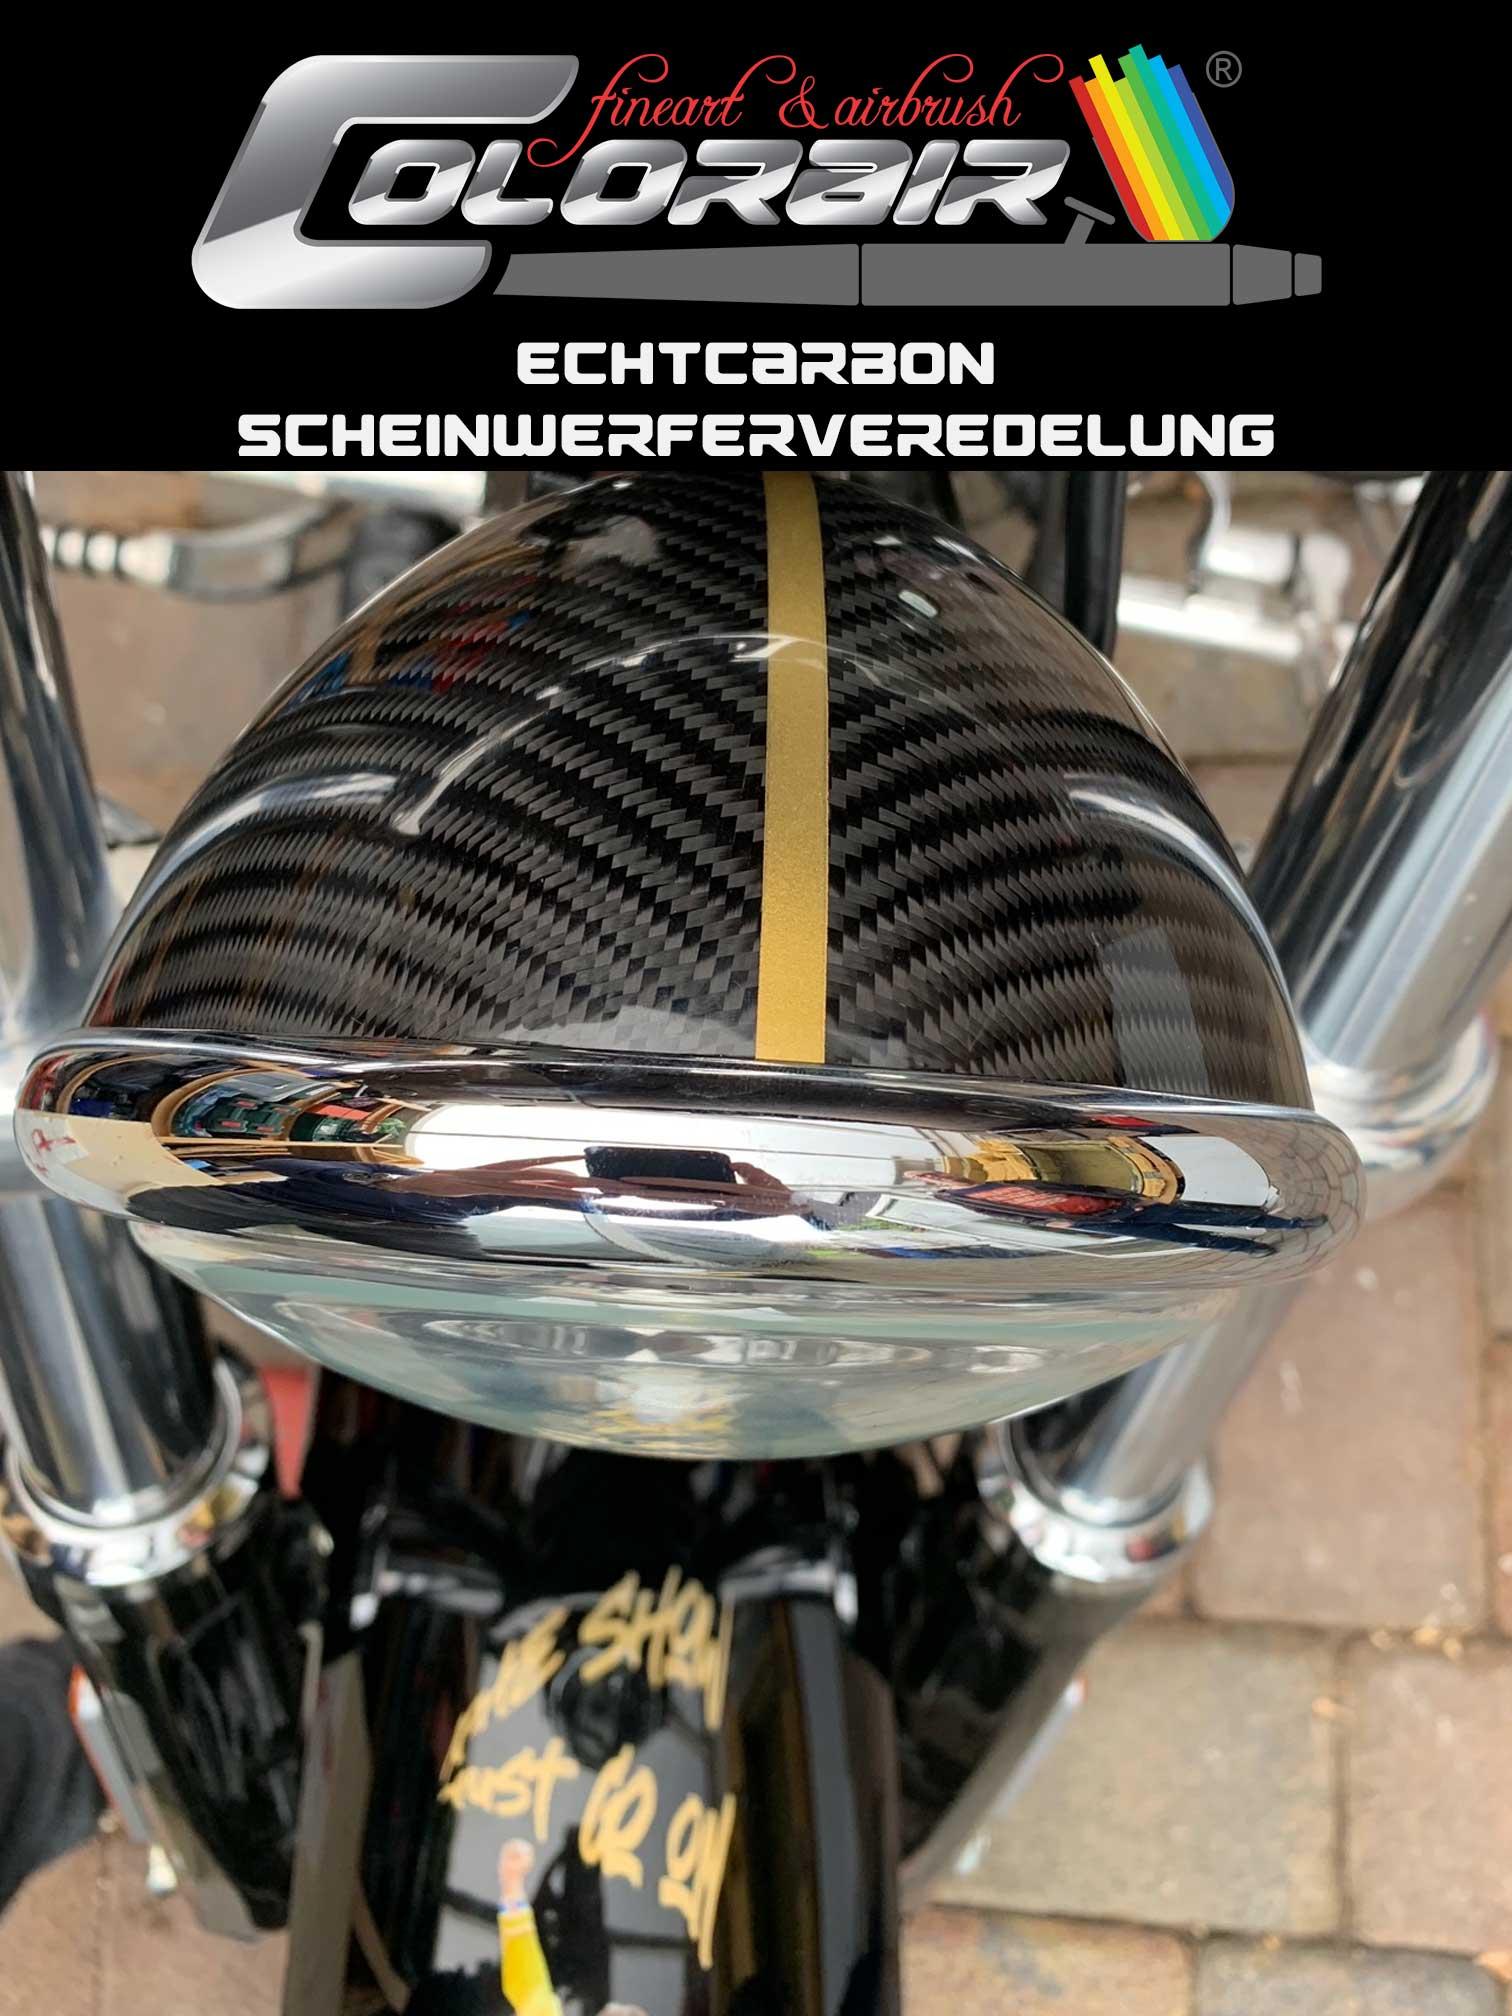 Frontscheinwerfer Lampe mit Echtcarbon und Golddesign